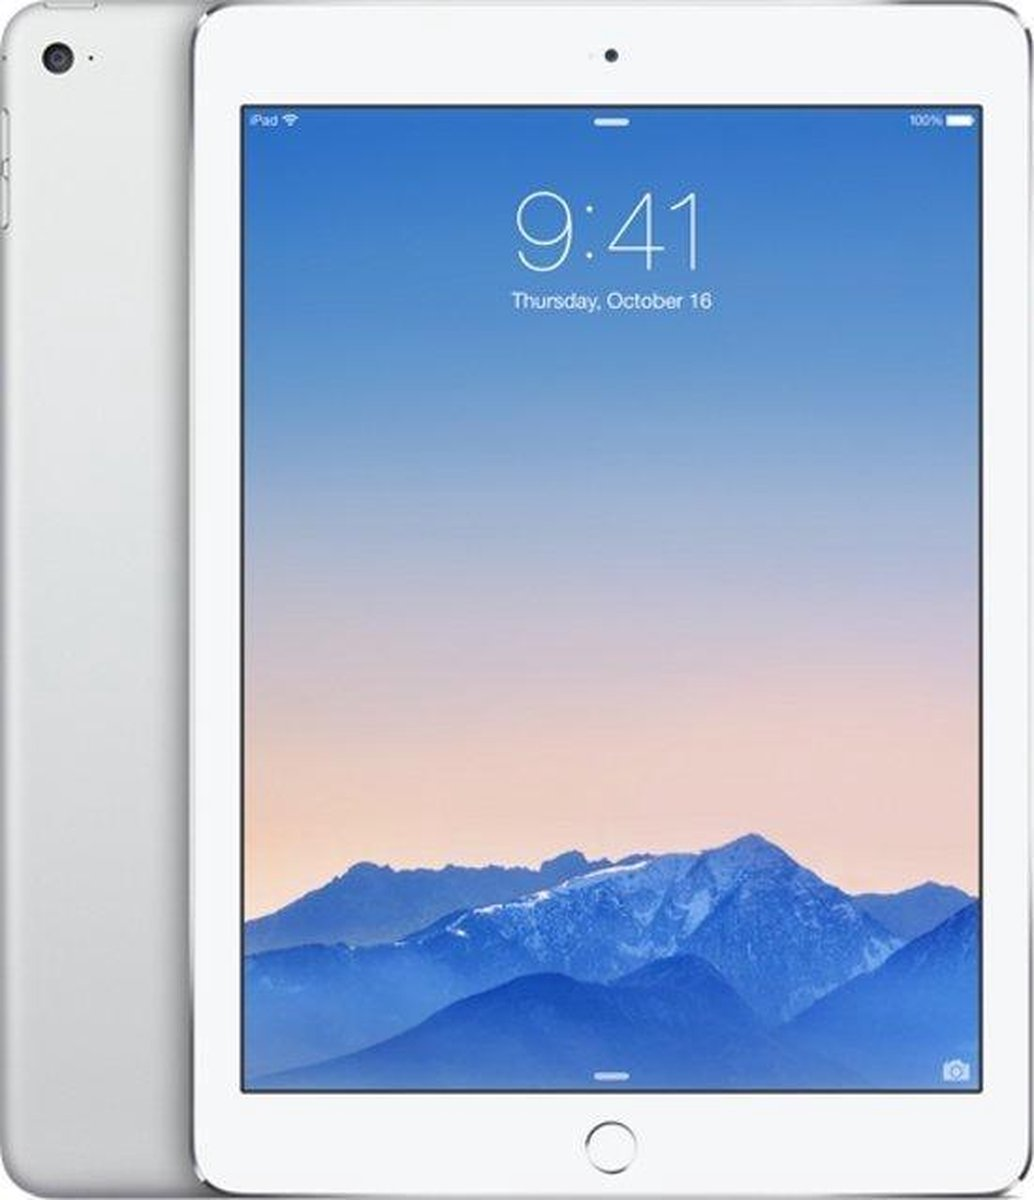 Apple iPad Air 2 refurbished door Forza - C-Grade (Zichtbare gebruikssporen) - 64GB - Cellular (4G) - Zilver